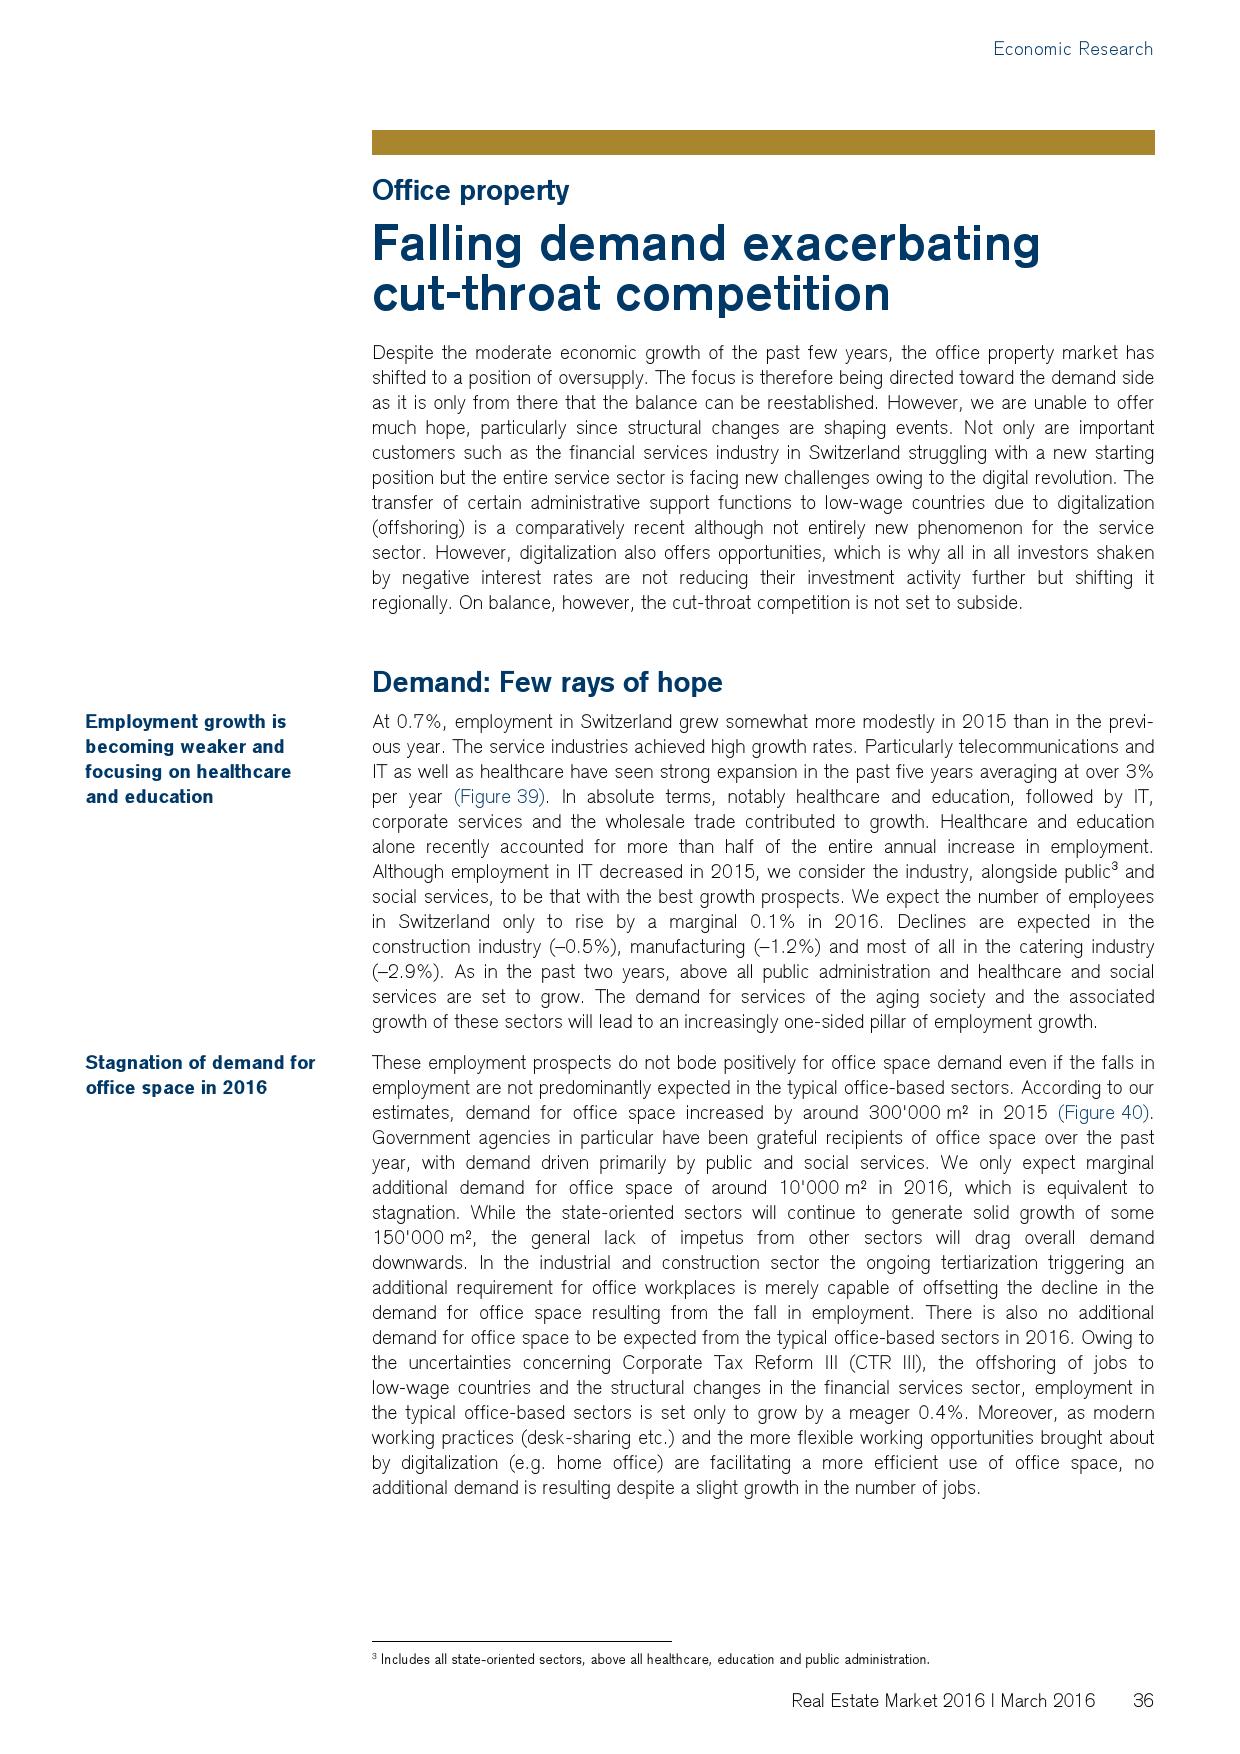 2016年瑞士房地产市场研究报告_000036